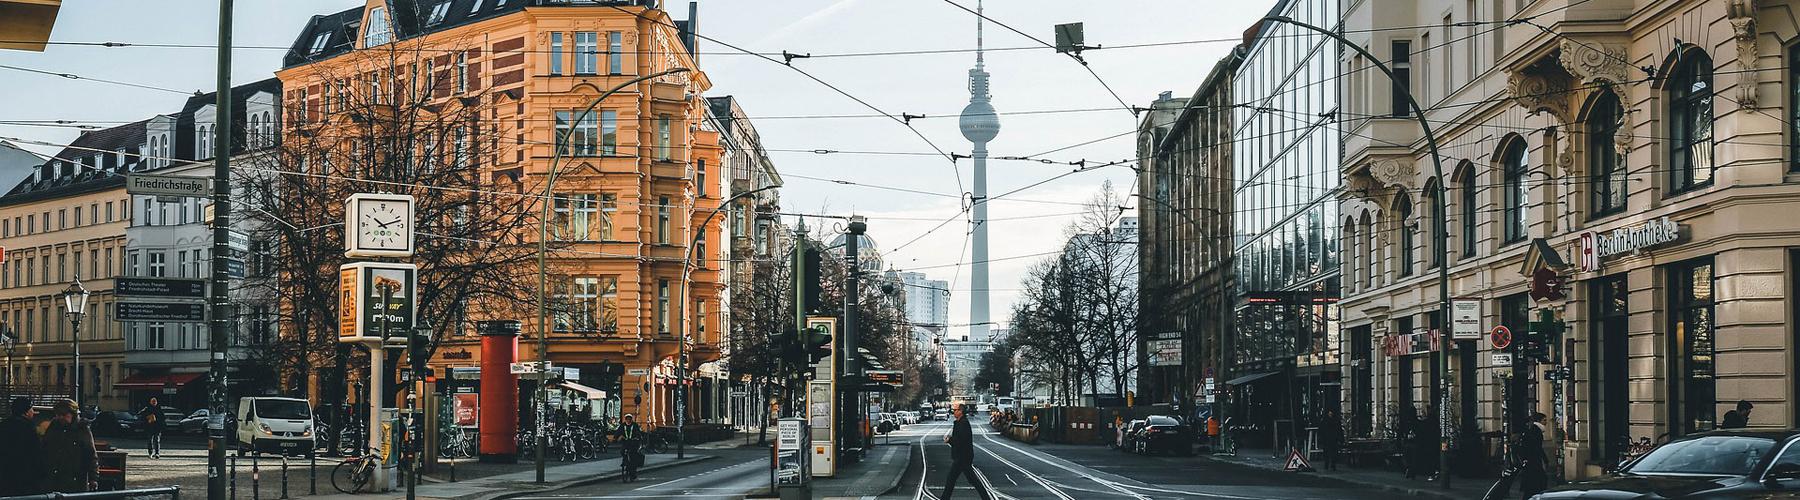 베를린 - City Center에 가까운 아파트. 베를린의 지도, 베를린에 위치한 아파트에 대한 사진 및 리뷰.